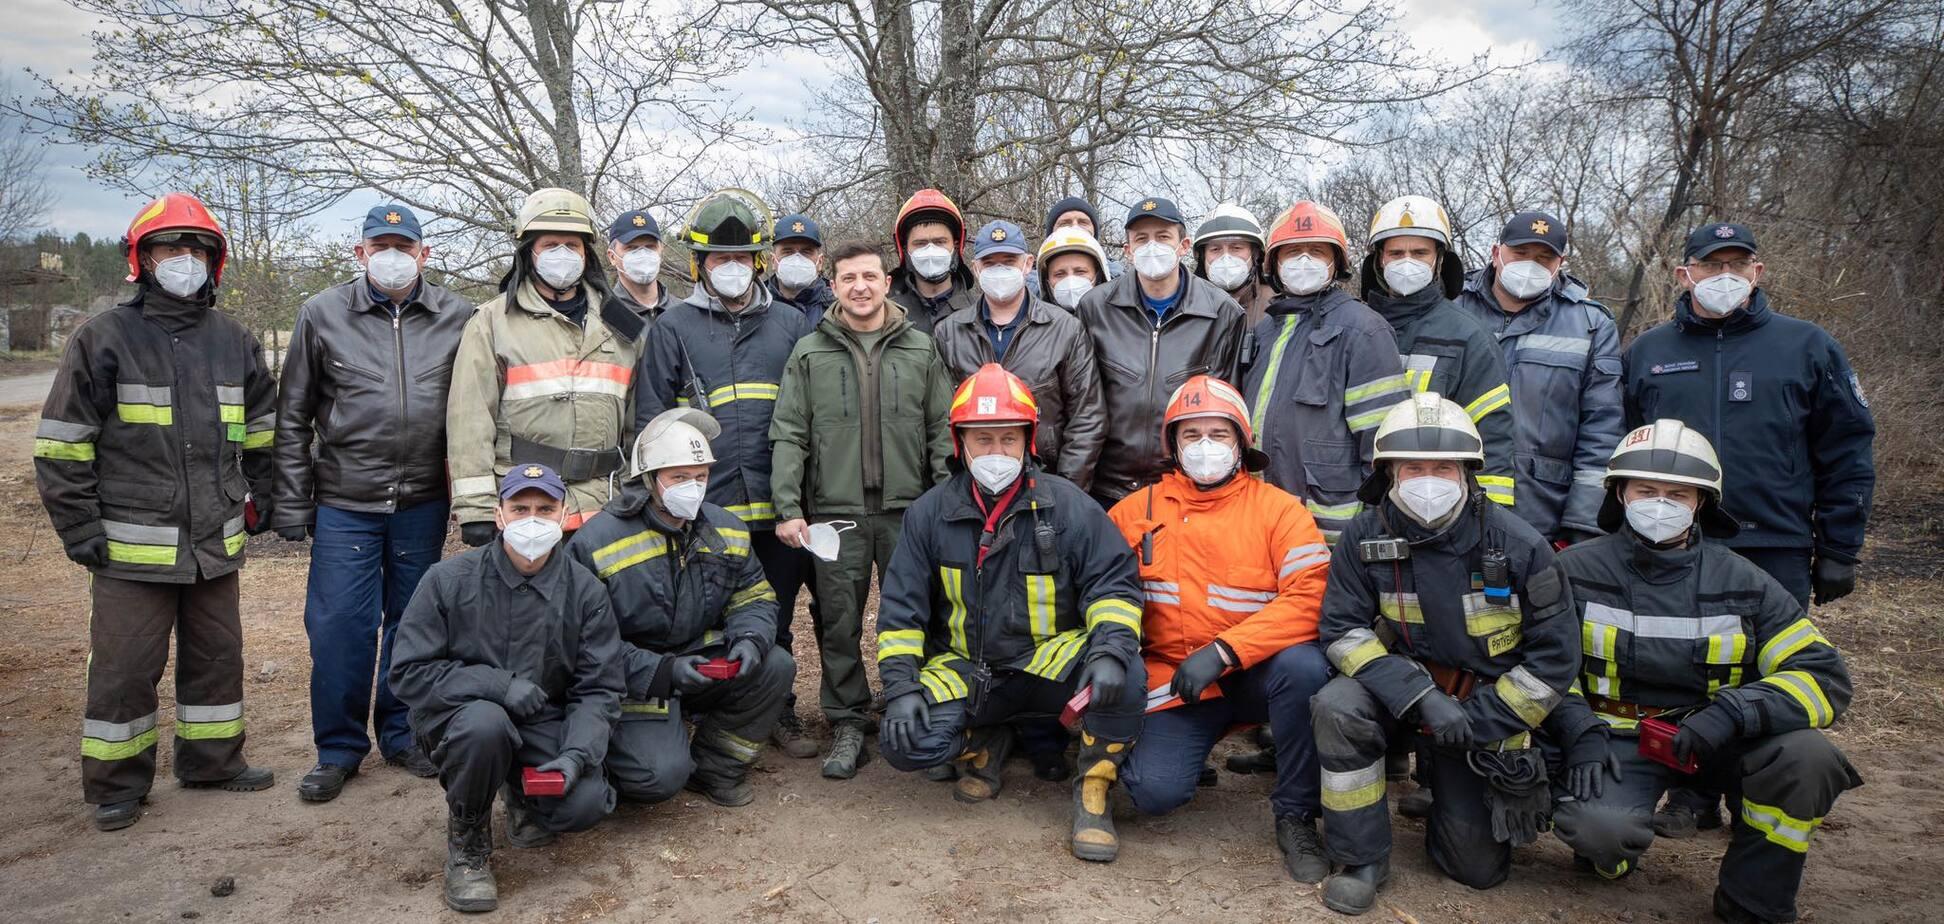 'Для нас вы – герои!' Зеленский наградил спасателей в годовщину катастрофы на ЧАЭС